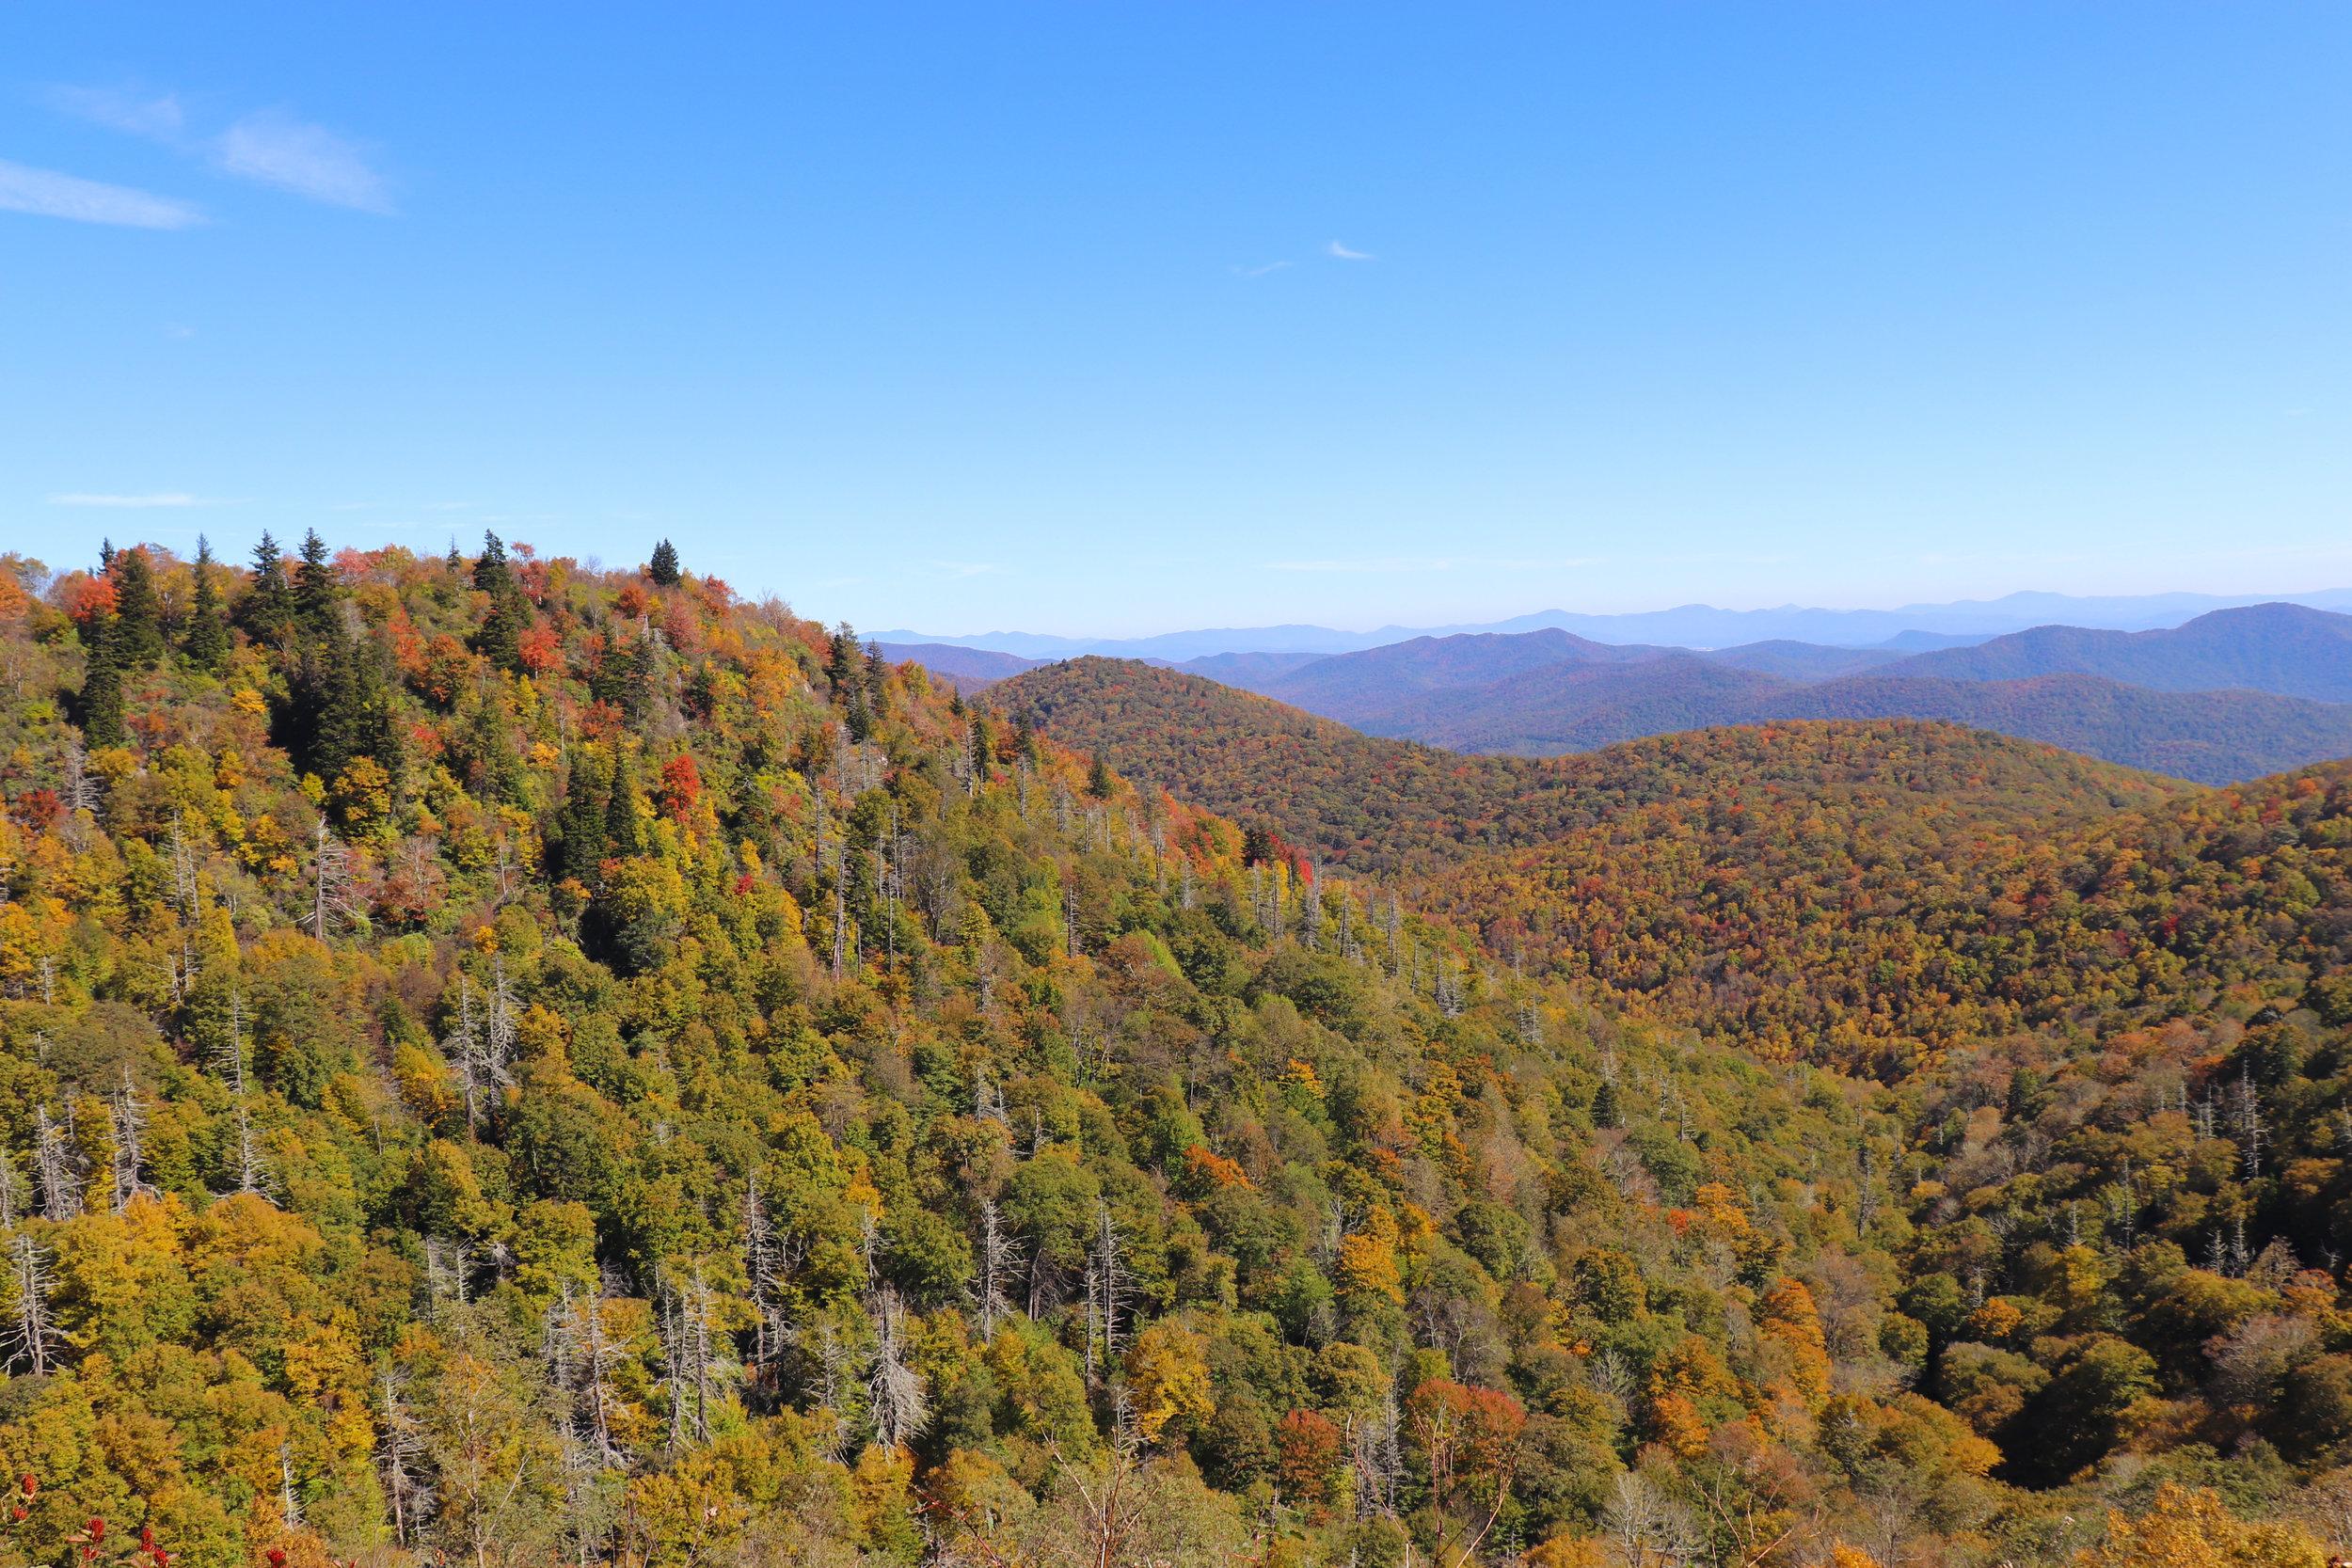 Autumn Fall Foliage in Asheville.jpg